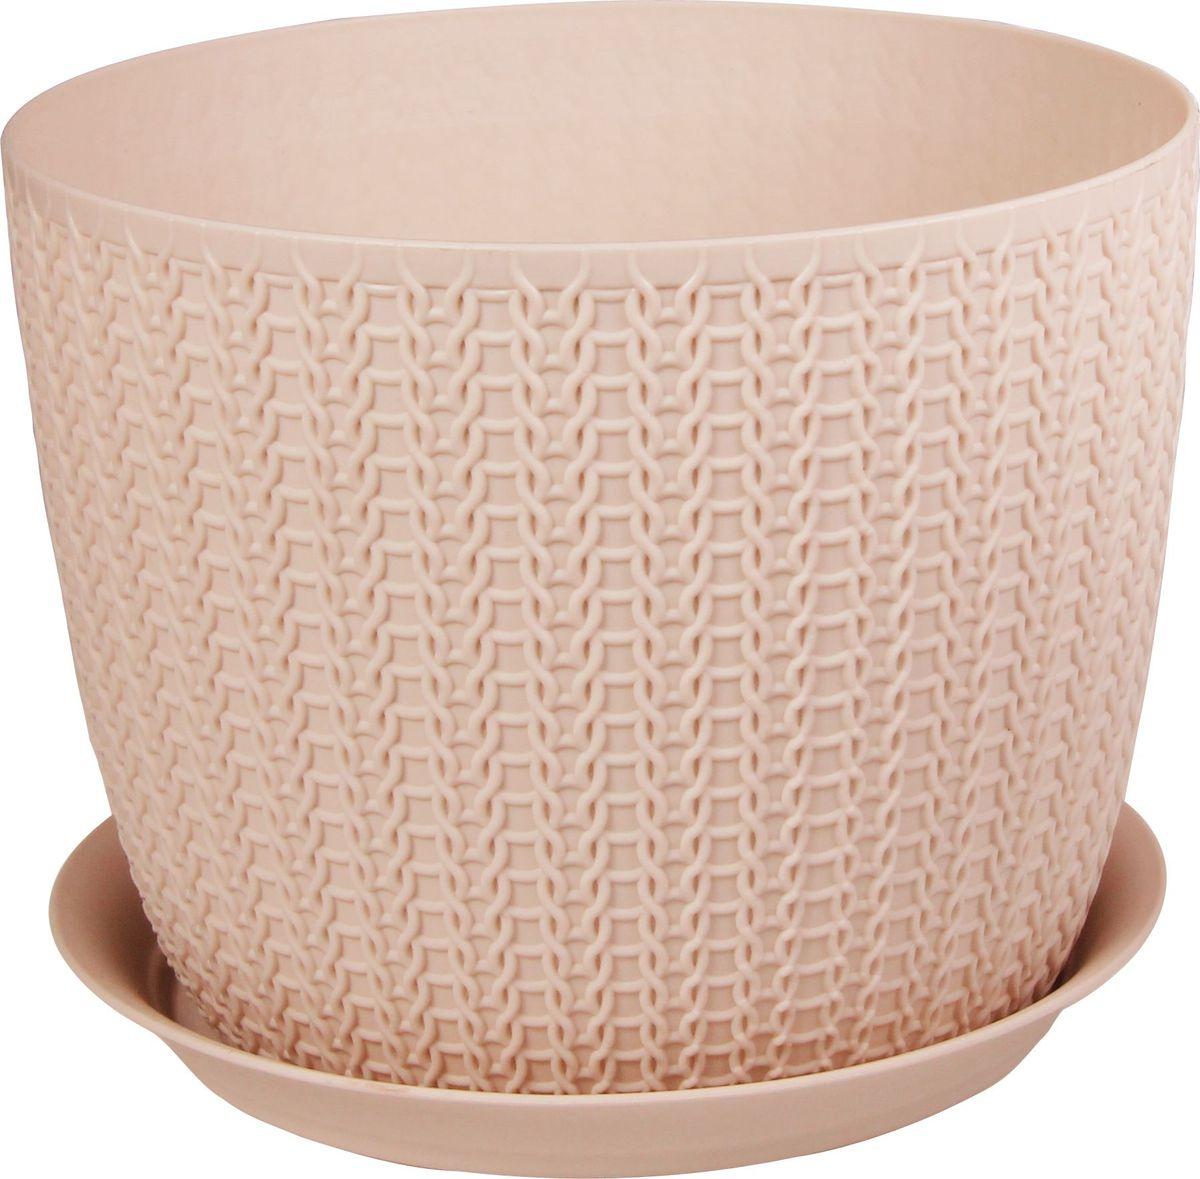 Кашпо Idea Вязание, с поддоном, цвет: чайная роза4,5 л, диаметр 21 см. М 3122М 3122_чайная роза